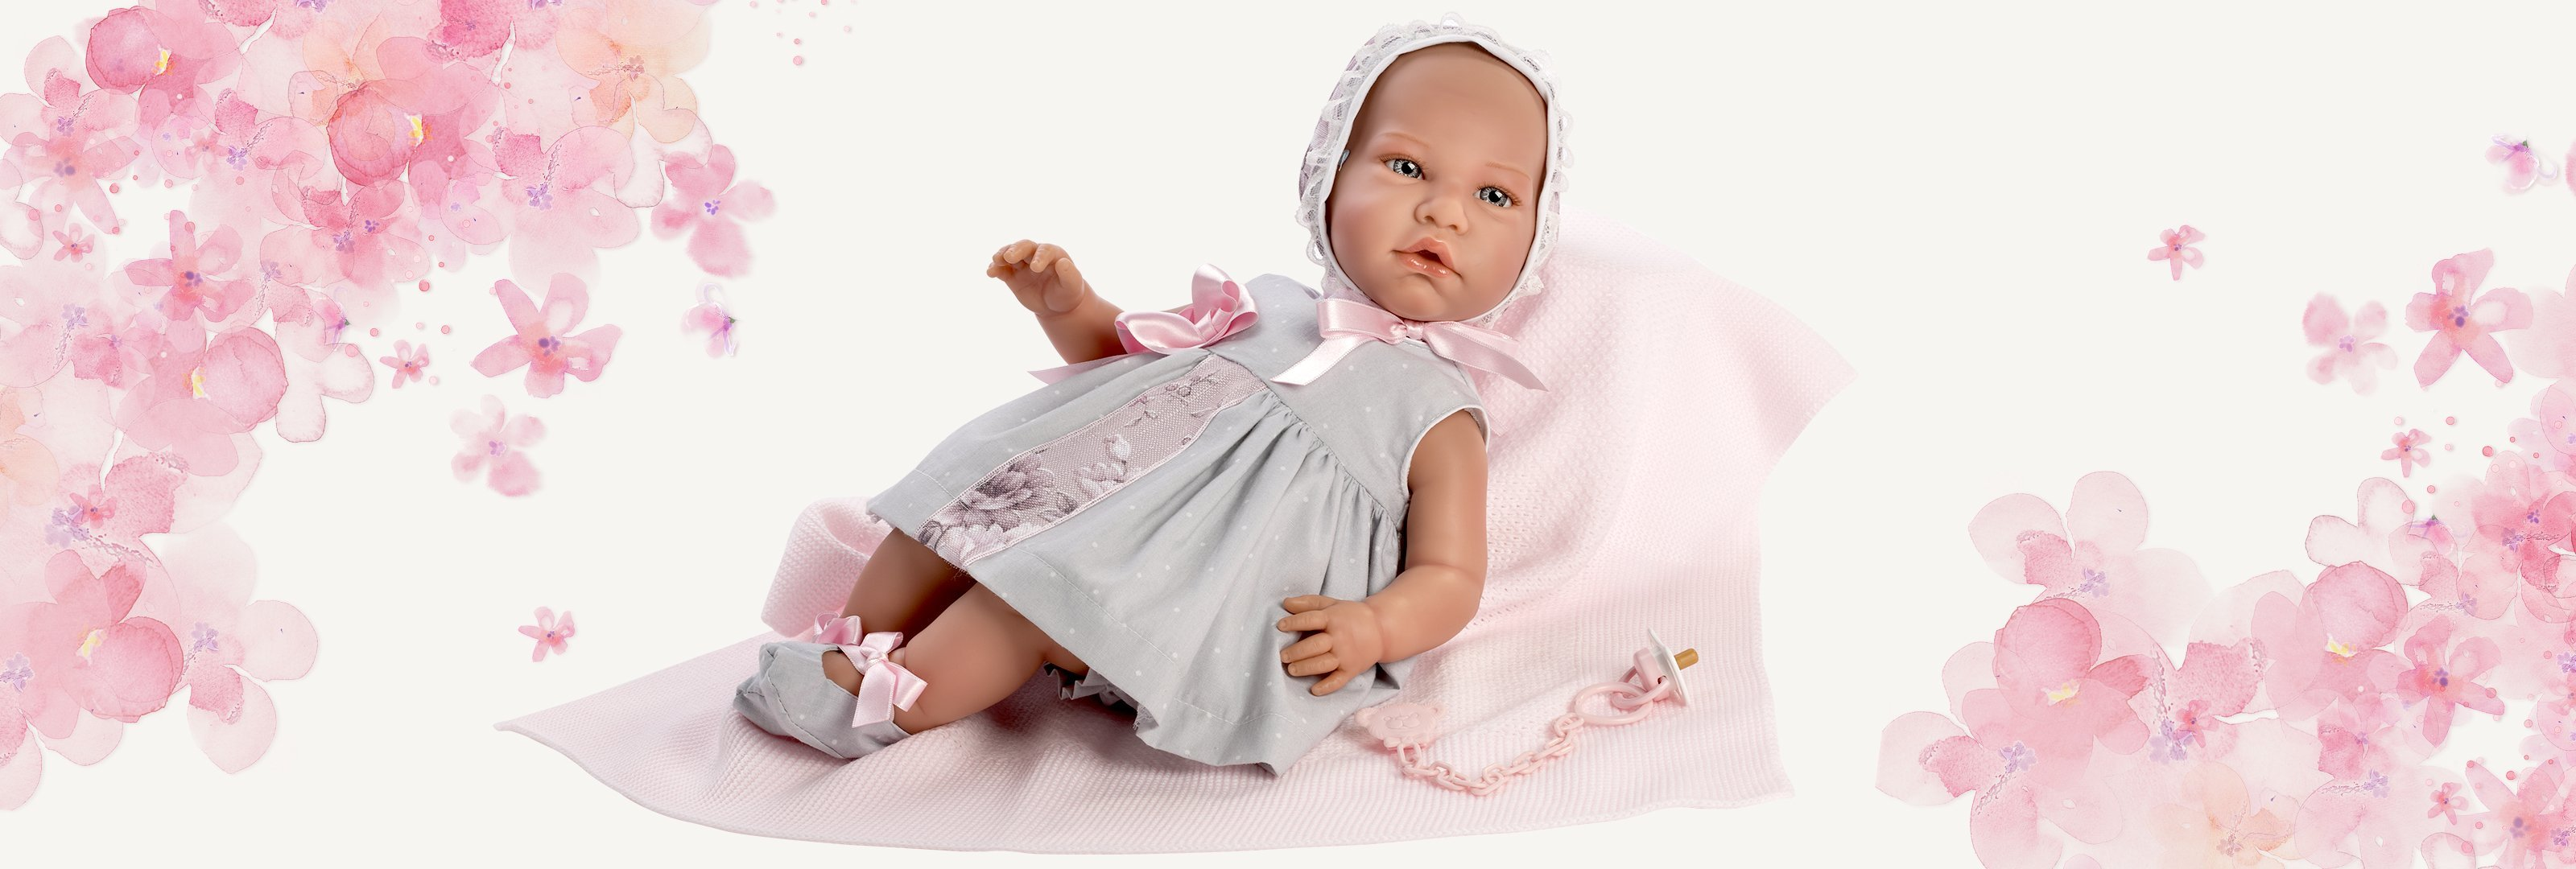 Muñecas y accesorios para primavera